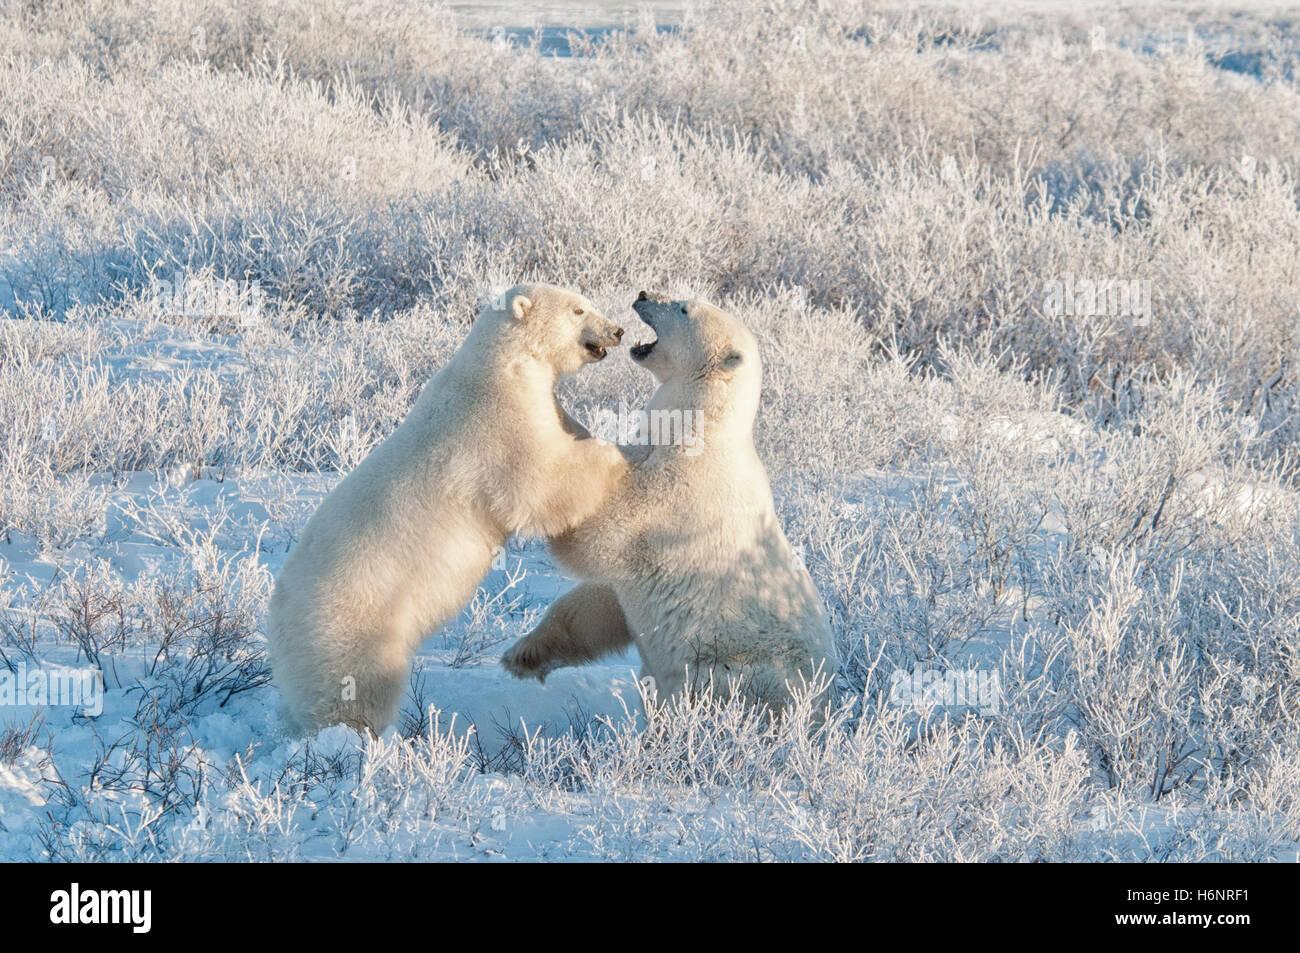 Gli orsi polari, Ursus maritimus, giocare a combattimenti nel gelo, la mattina presto luce nei pressi della Baia Immagini Stock